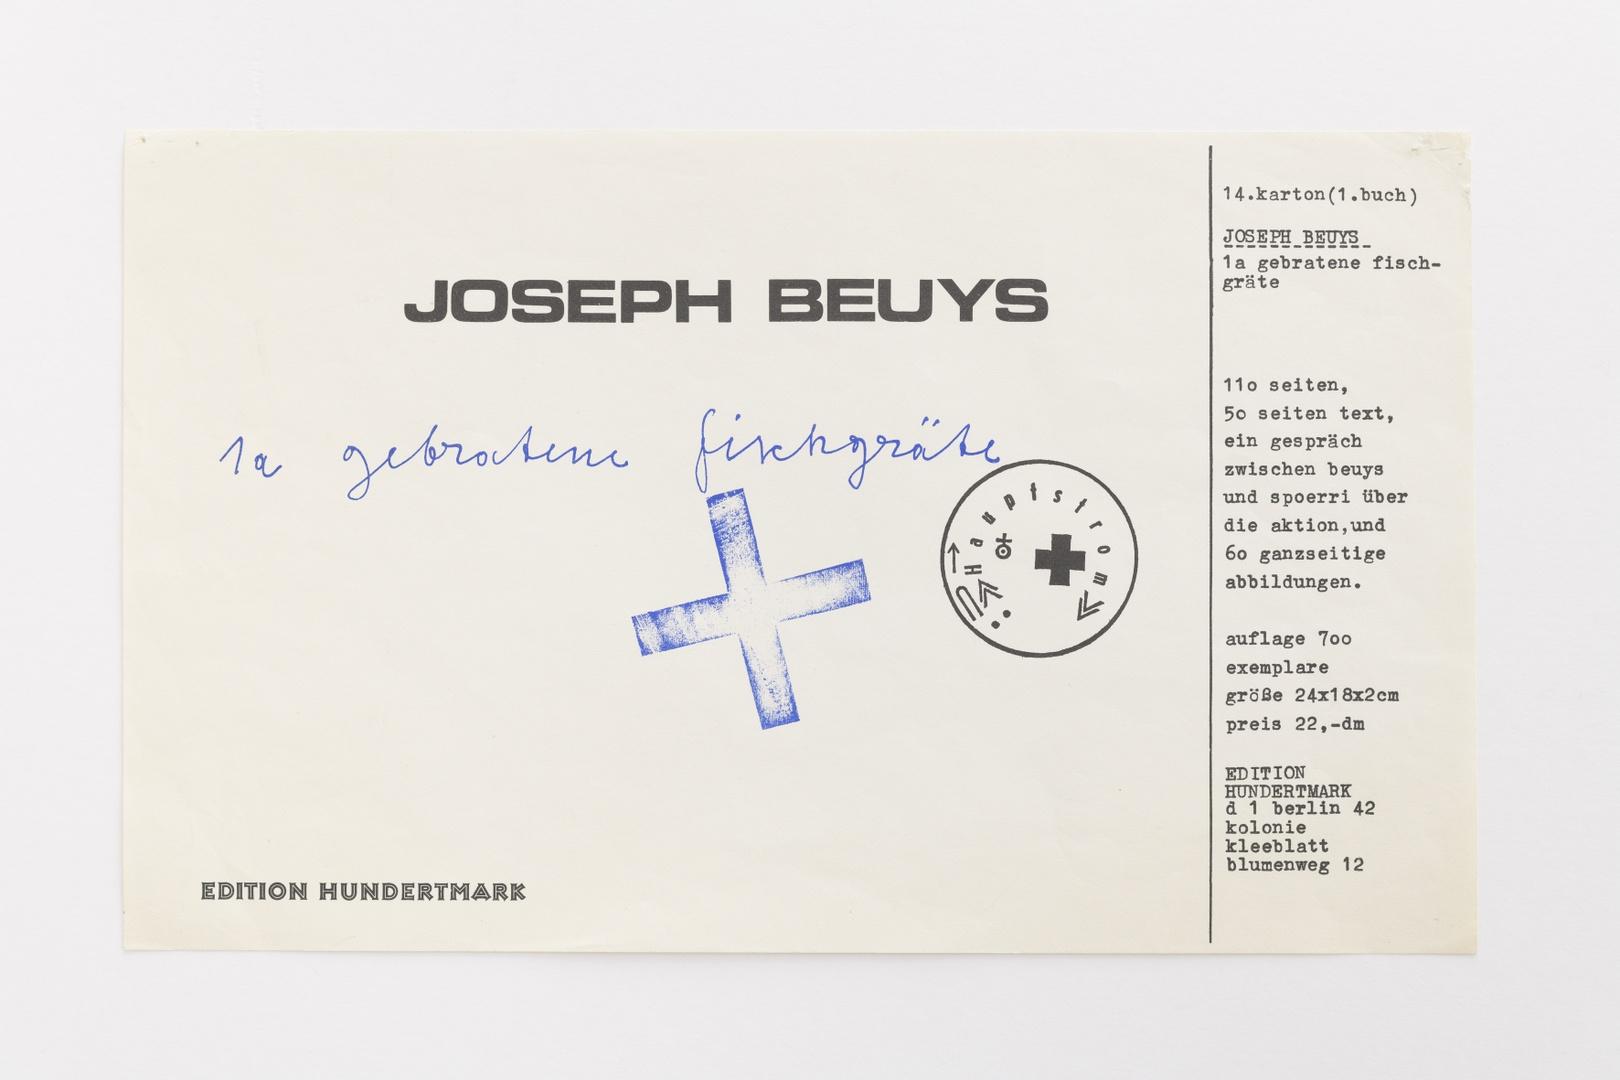 Uitnodiging/aankondiging boek: Joseph Beuys. 1a gebratene fischgräte. Berlin, Edition Hundertmark, 1972, eenzijdig bedrukt. Boek: oplage 700, niet gesigneerd, niet gedateerd